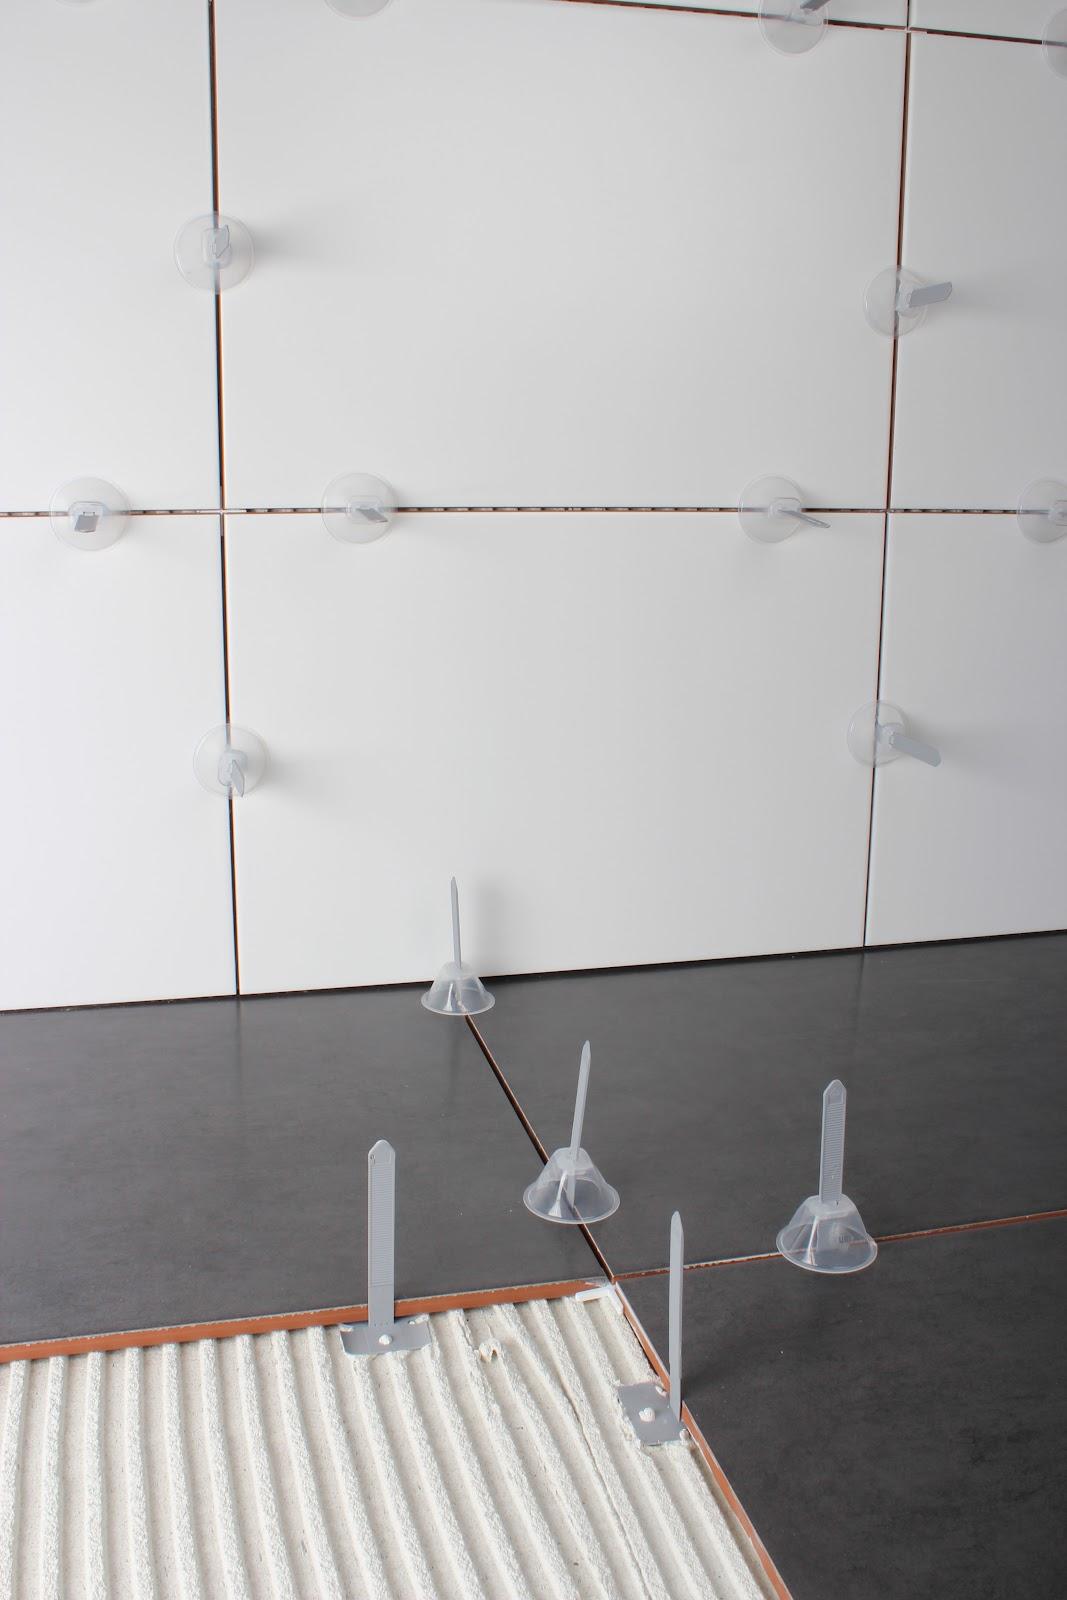 puede utilizarse con juntas mnimas menores a 1 mm y con grosores de cermica de hasta 20 mm